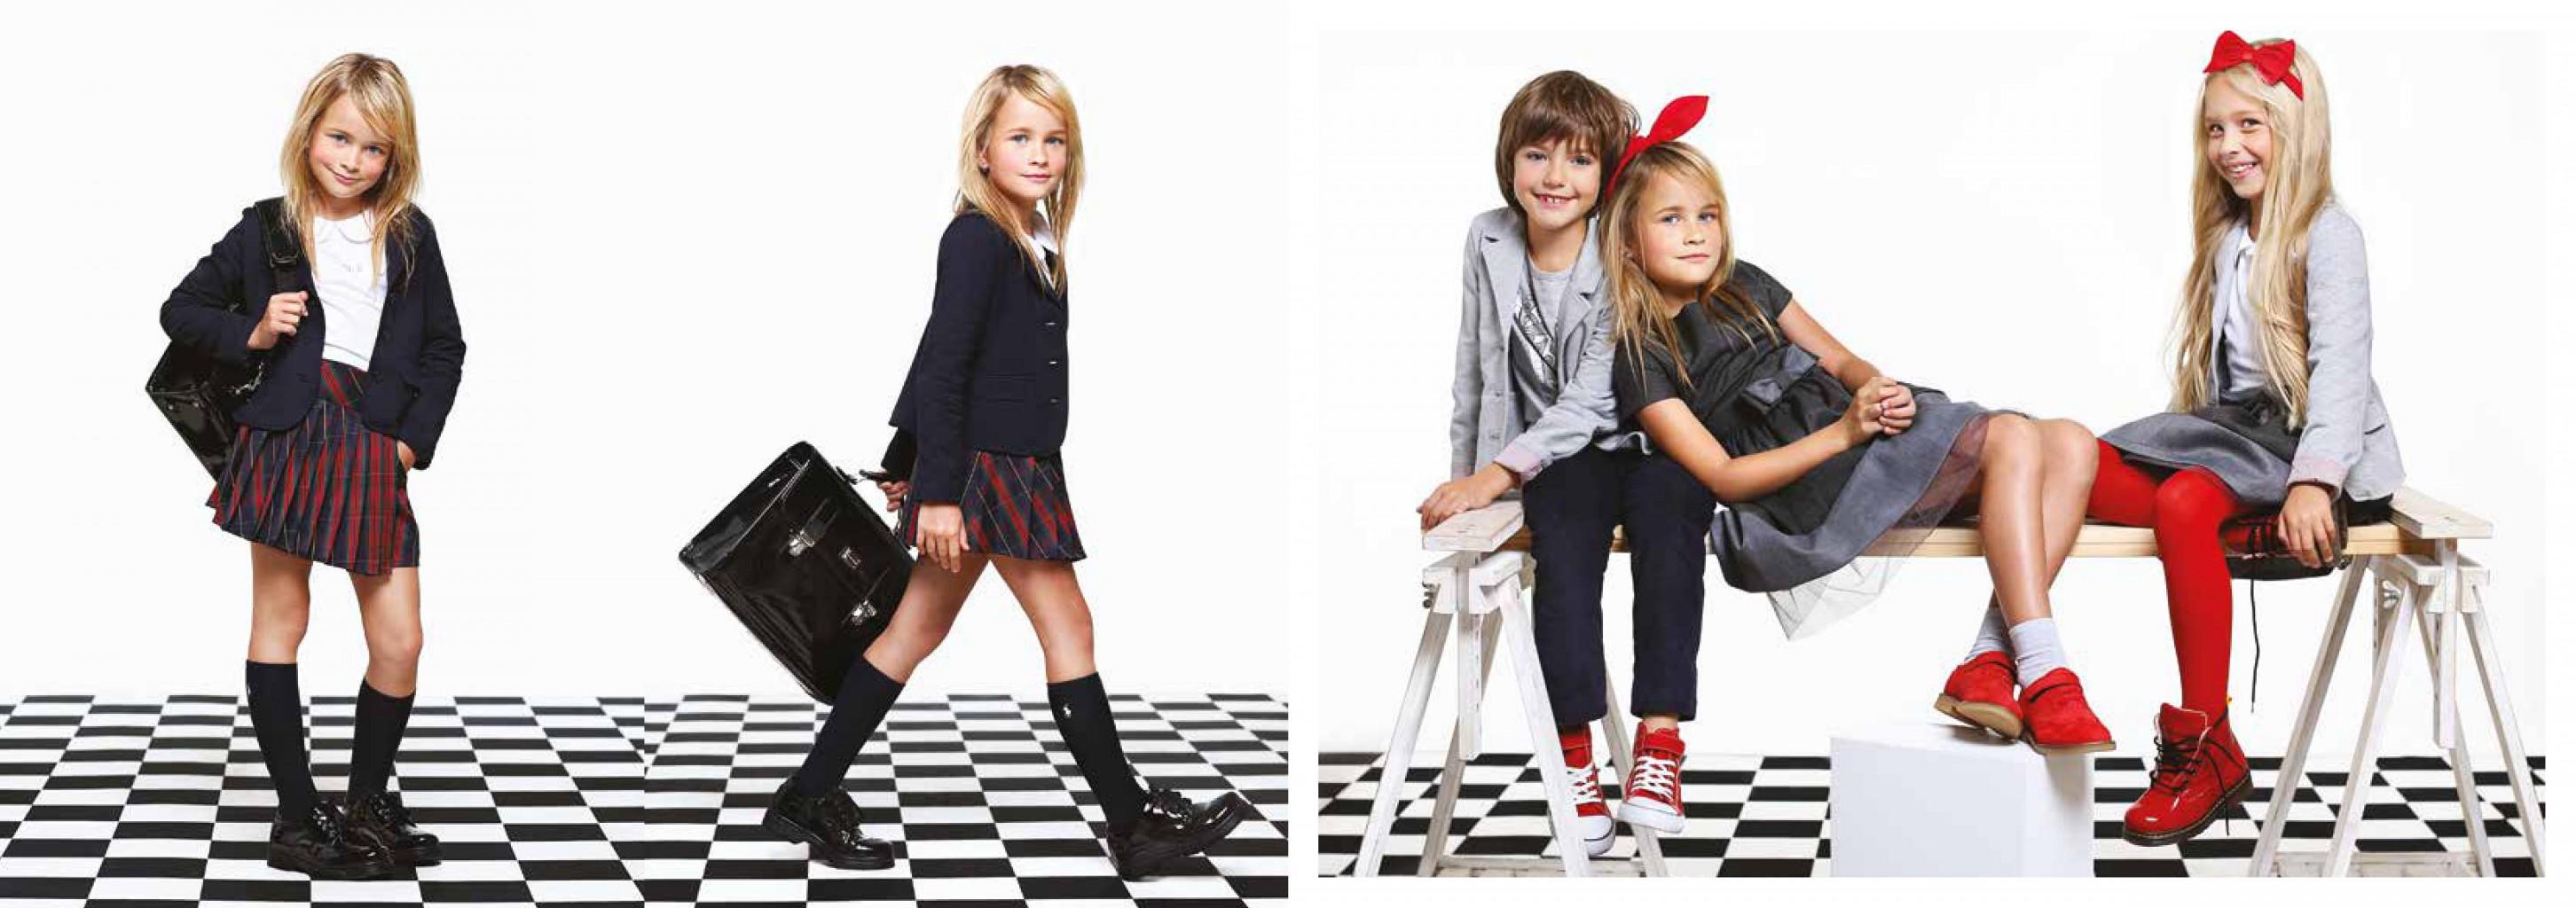 Сбор заказов. Абсолютно детская одежда Cookie! Осенняя коллекция в стиле school-look. Без рядов. 2 выкуп. Есть отзывы.